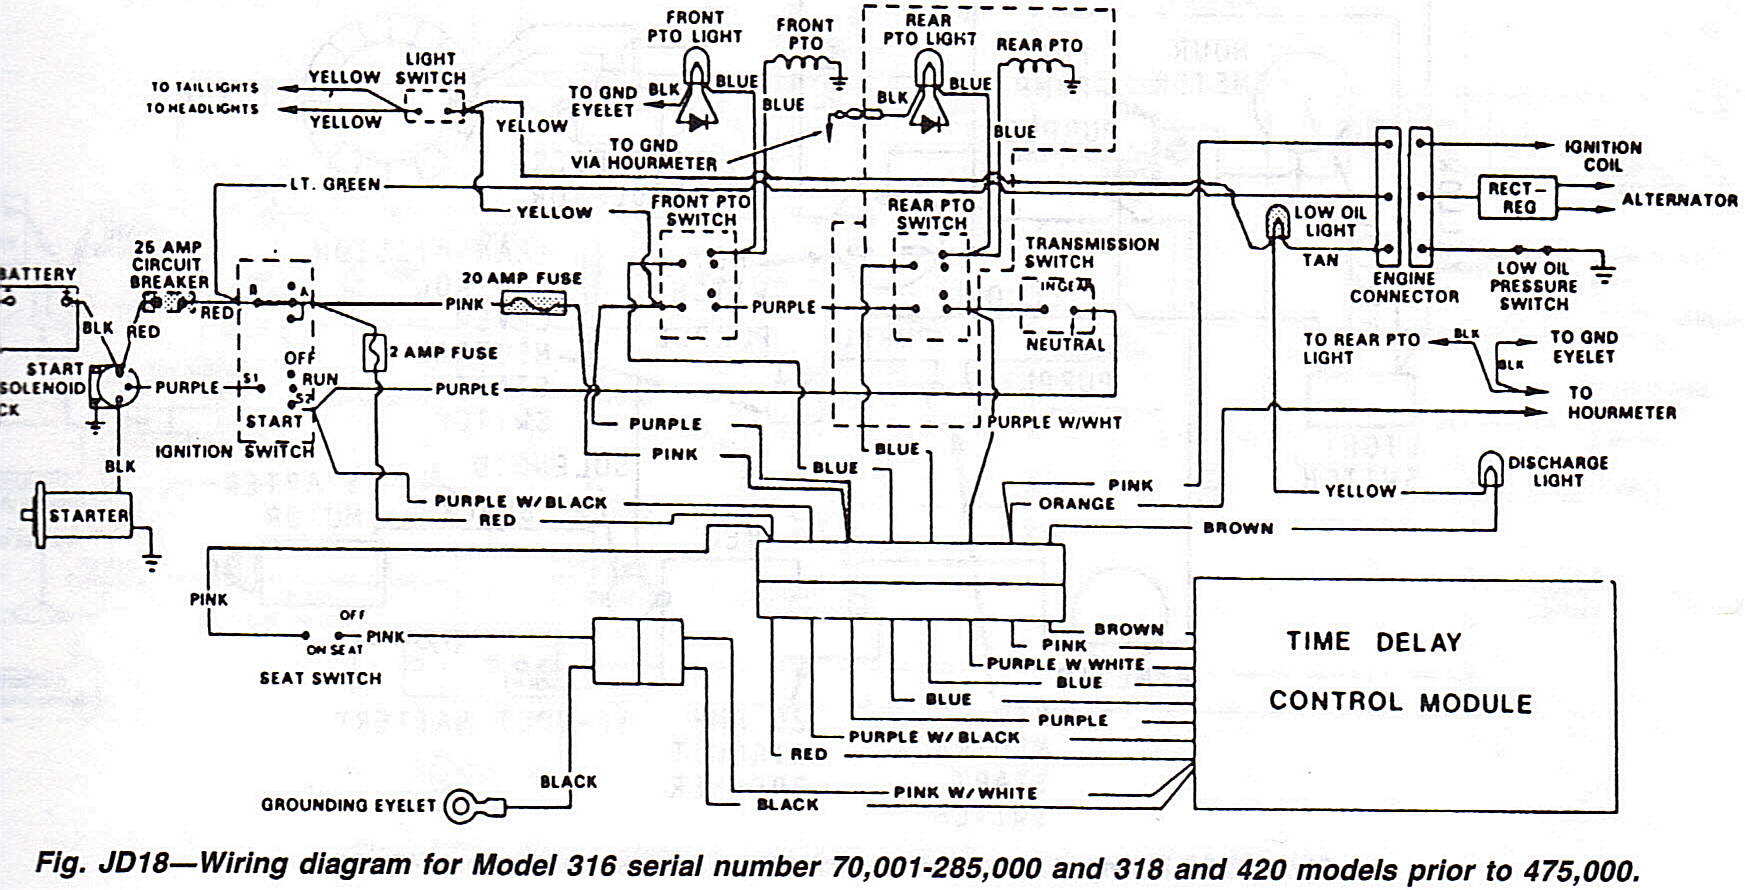 john deere 60 tractor wiring diagram ke 0958  john deere f620 wiring diagram download diagram  ke 0958  john deere f620 wiring diagram